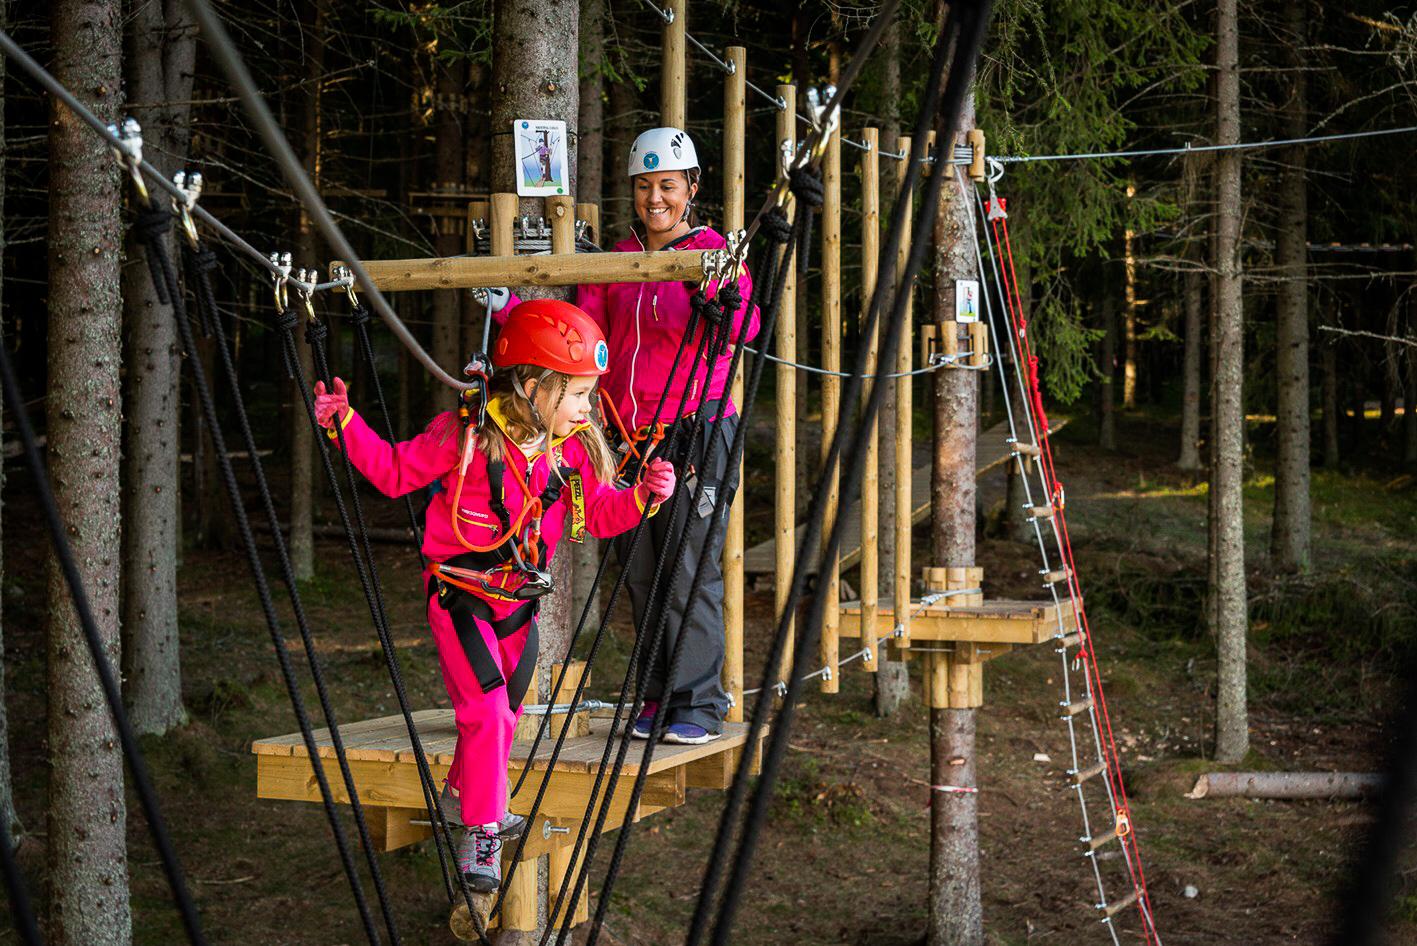 Lek og trening for hele familien - Bli med å klatre i trærne. Parken har åpnet og vi gleder oss til å se deg i parken sammen med ossVil du vite mer? ➝